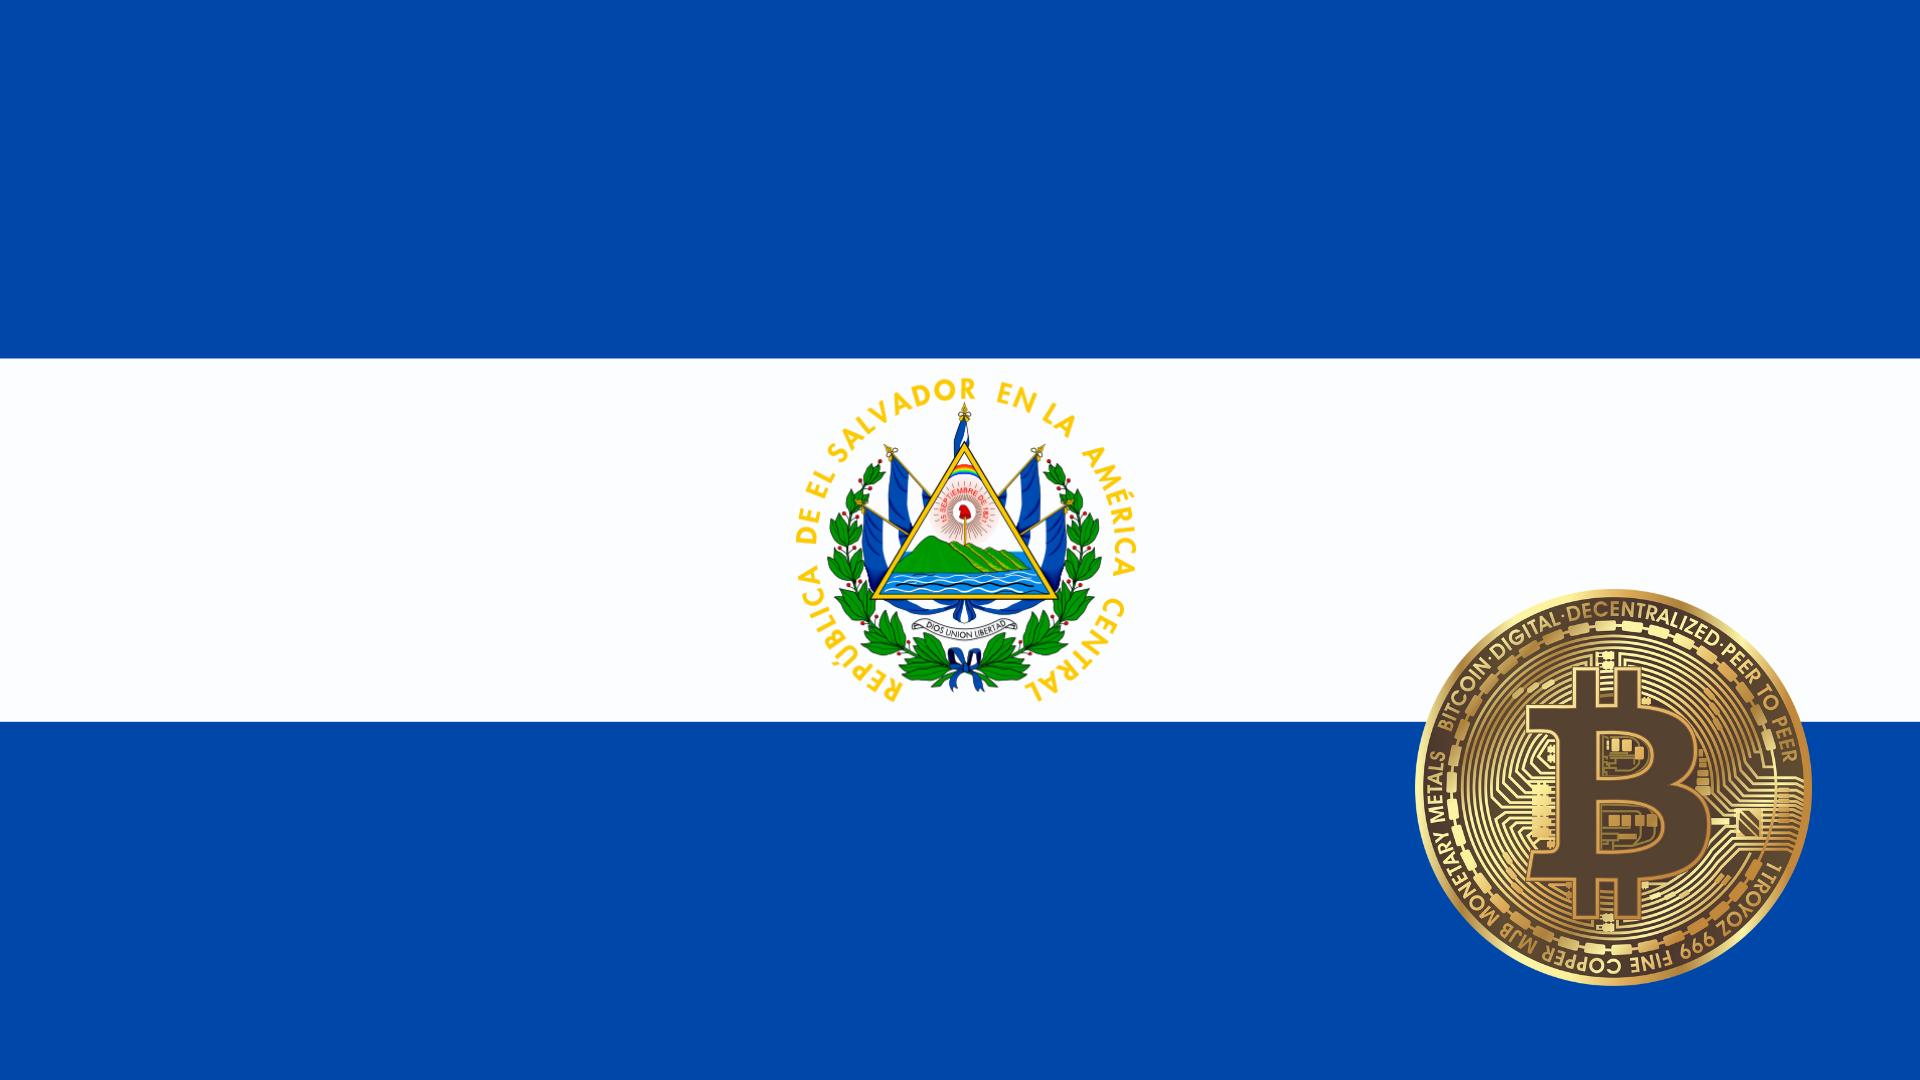 DÜNYADA BİR İLK: BİTCOİN, EL SALVADOR'DA RESMİ PARA BİRİMİ OLDU